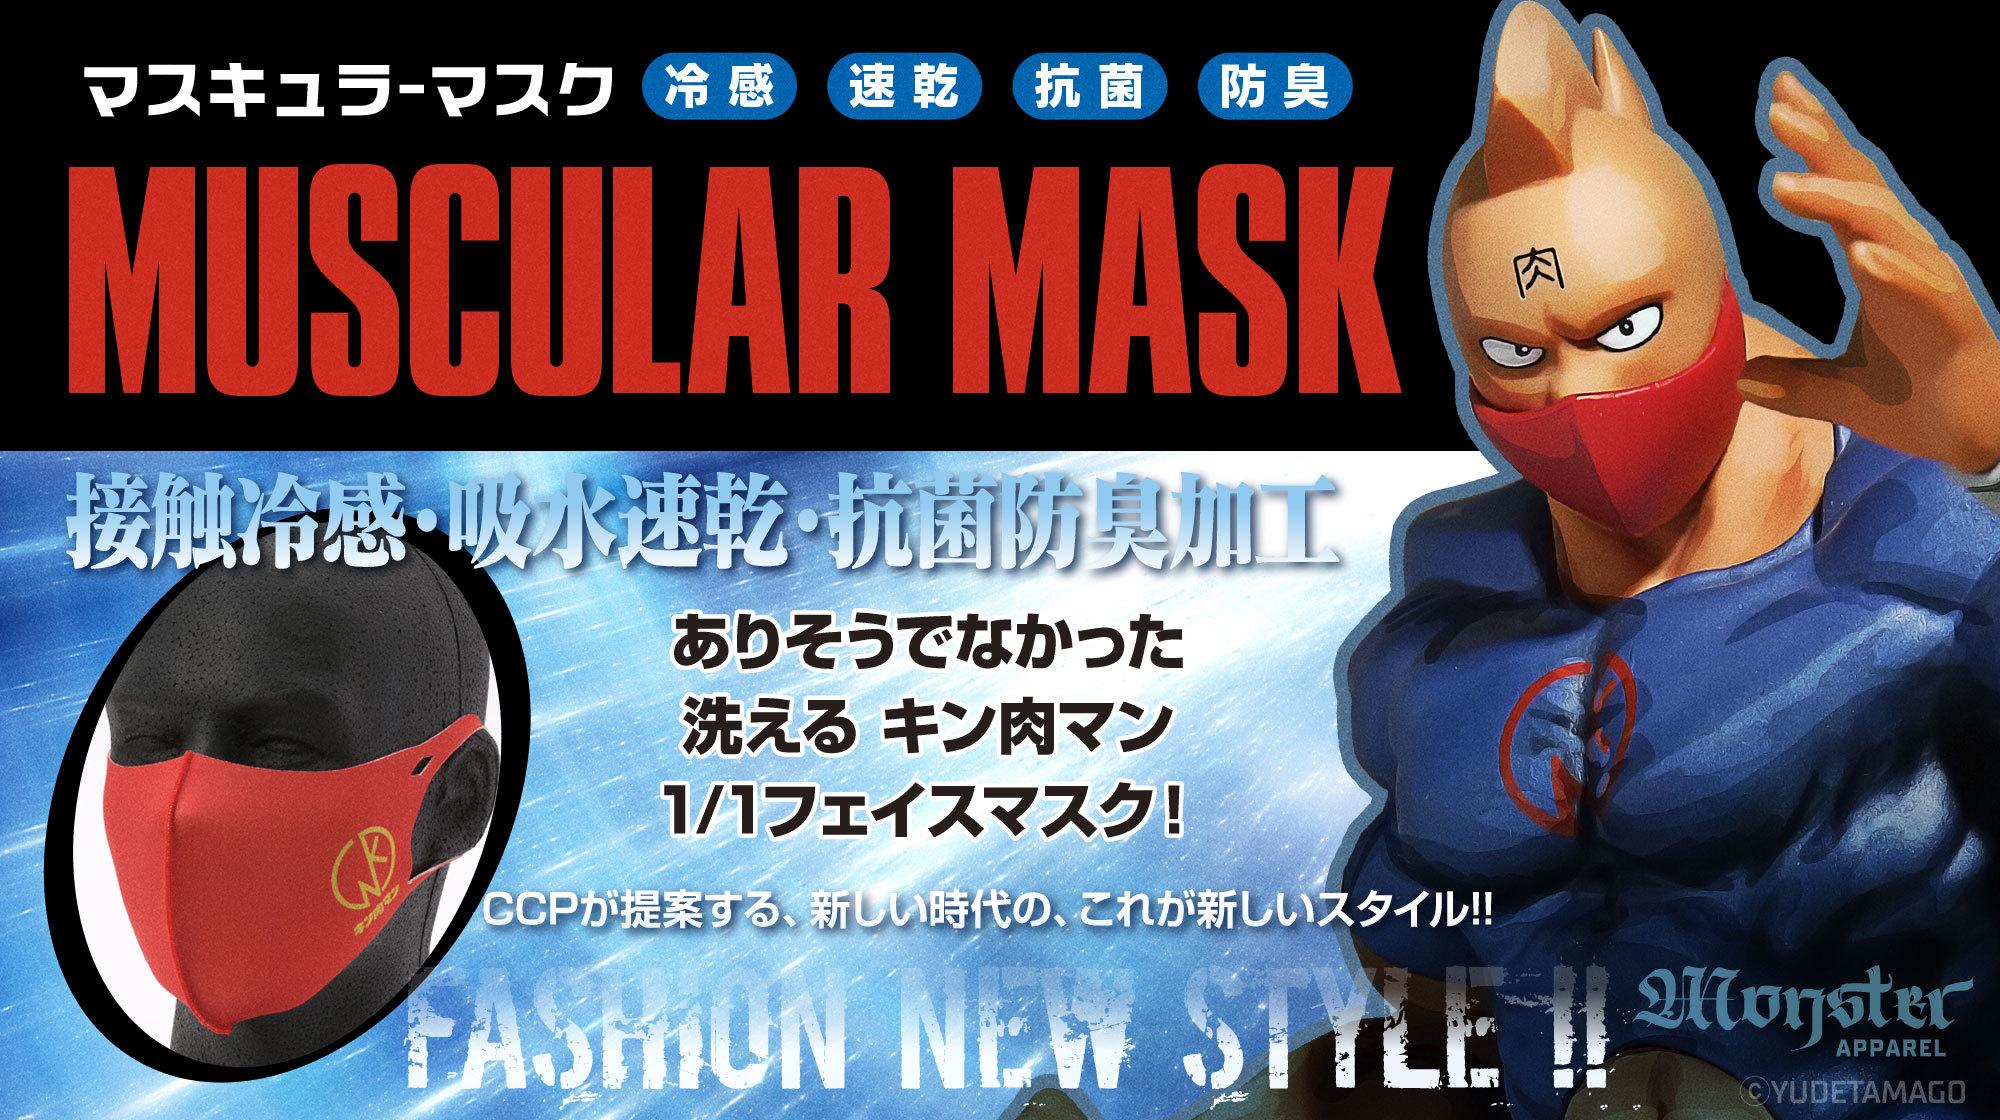 福太郎 くすり マスク の